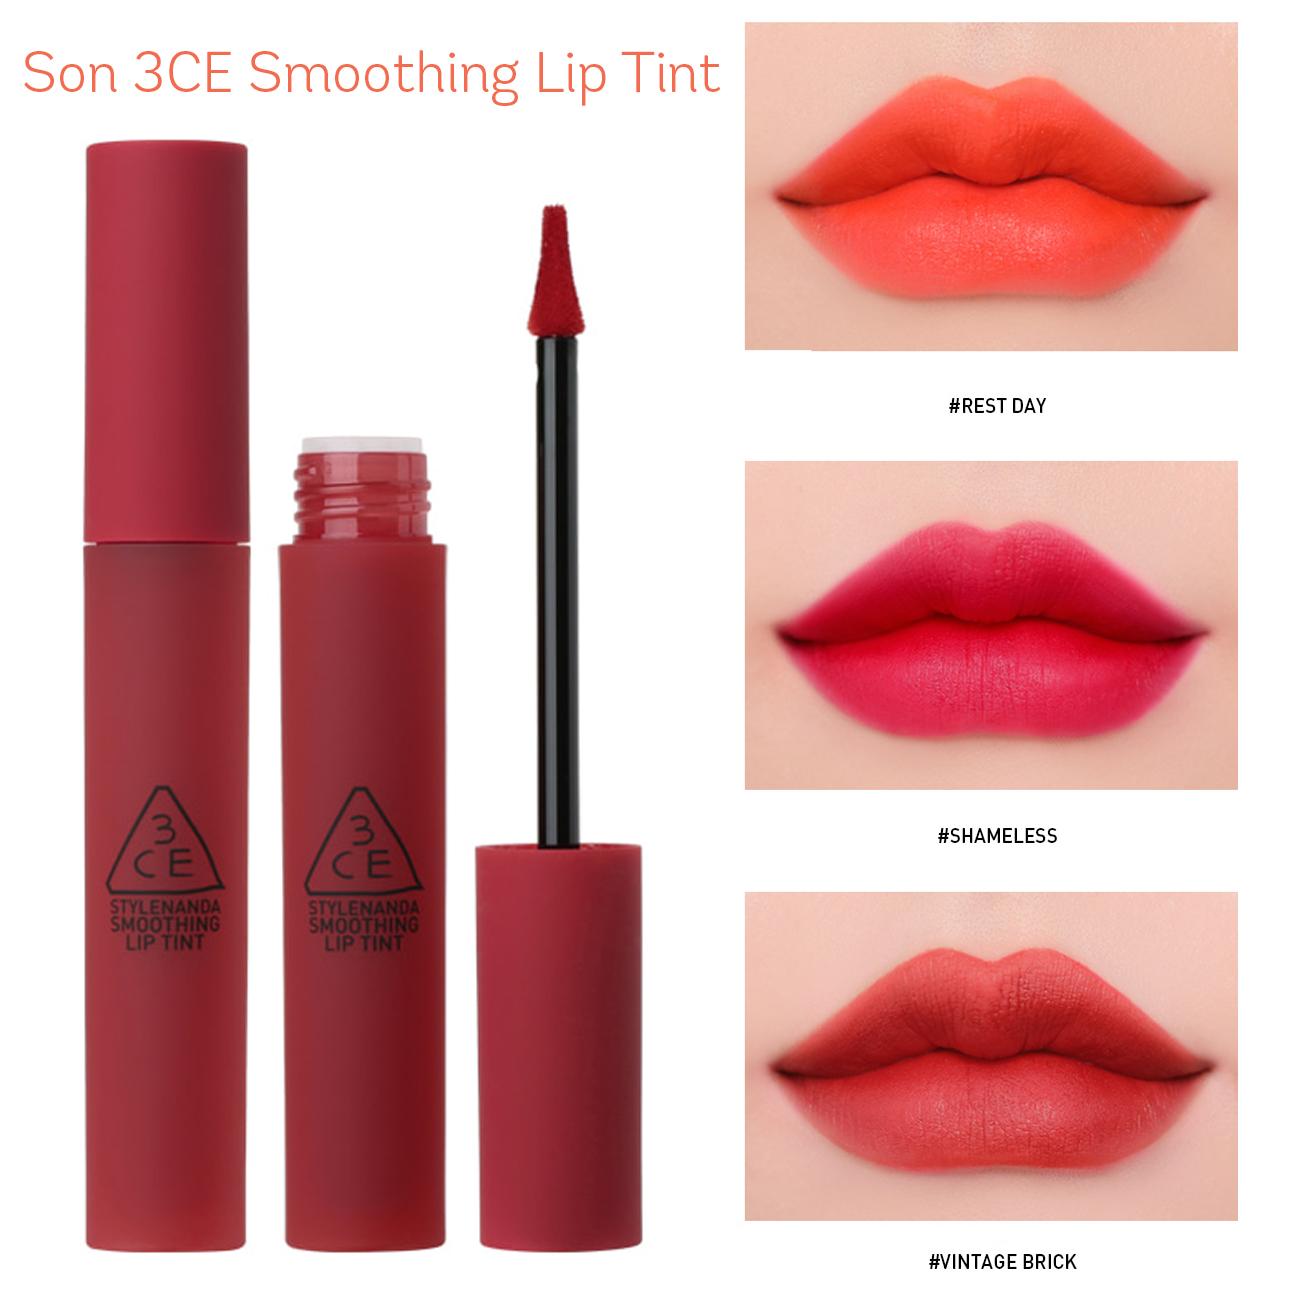 Son Kem Lì Siêu Mịn, Lên Màu Siêu Chuẩn 3CE Smoothing Lip Tint